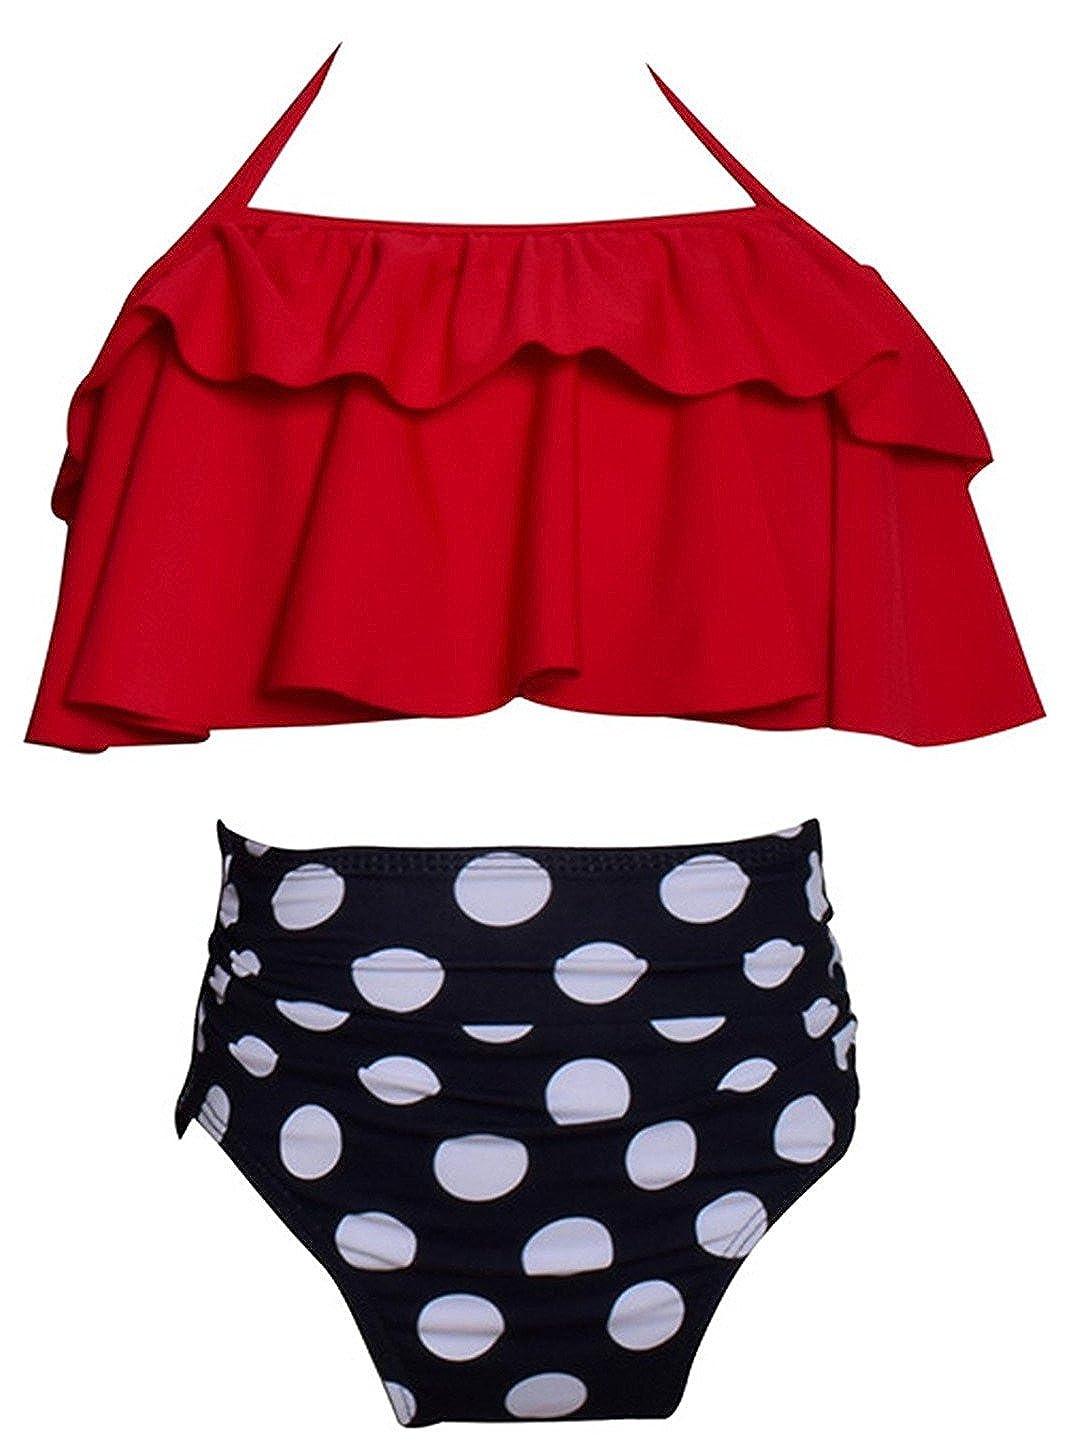 Angelchild Girl Bikini Swimsuit Set Two-Piece Ruffle Falbala High Waisted Bikini Swimwear Bathing Suits